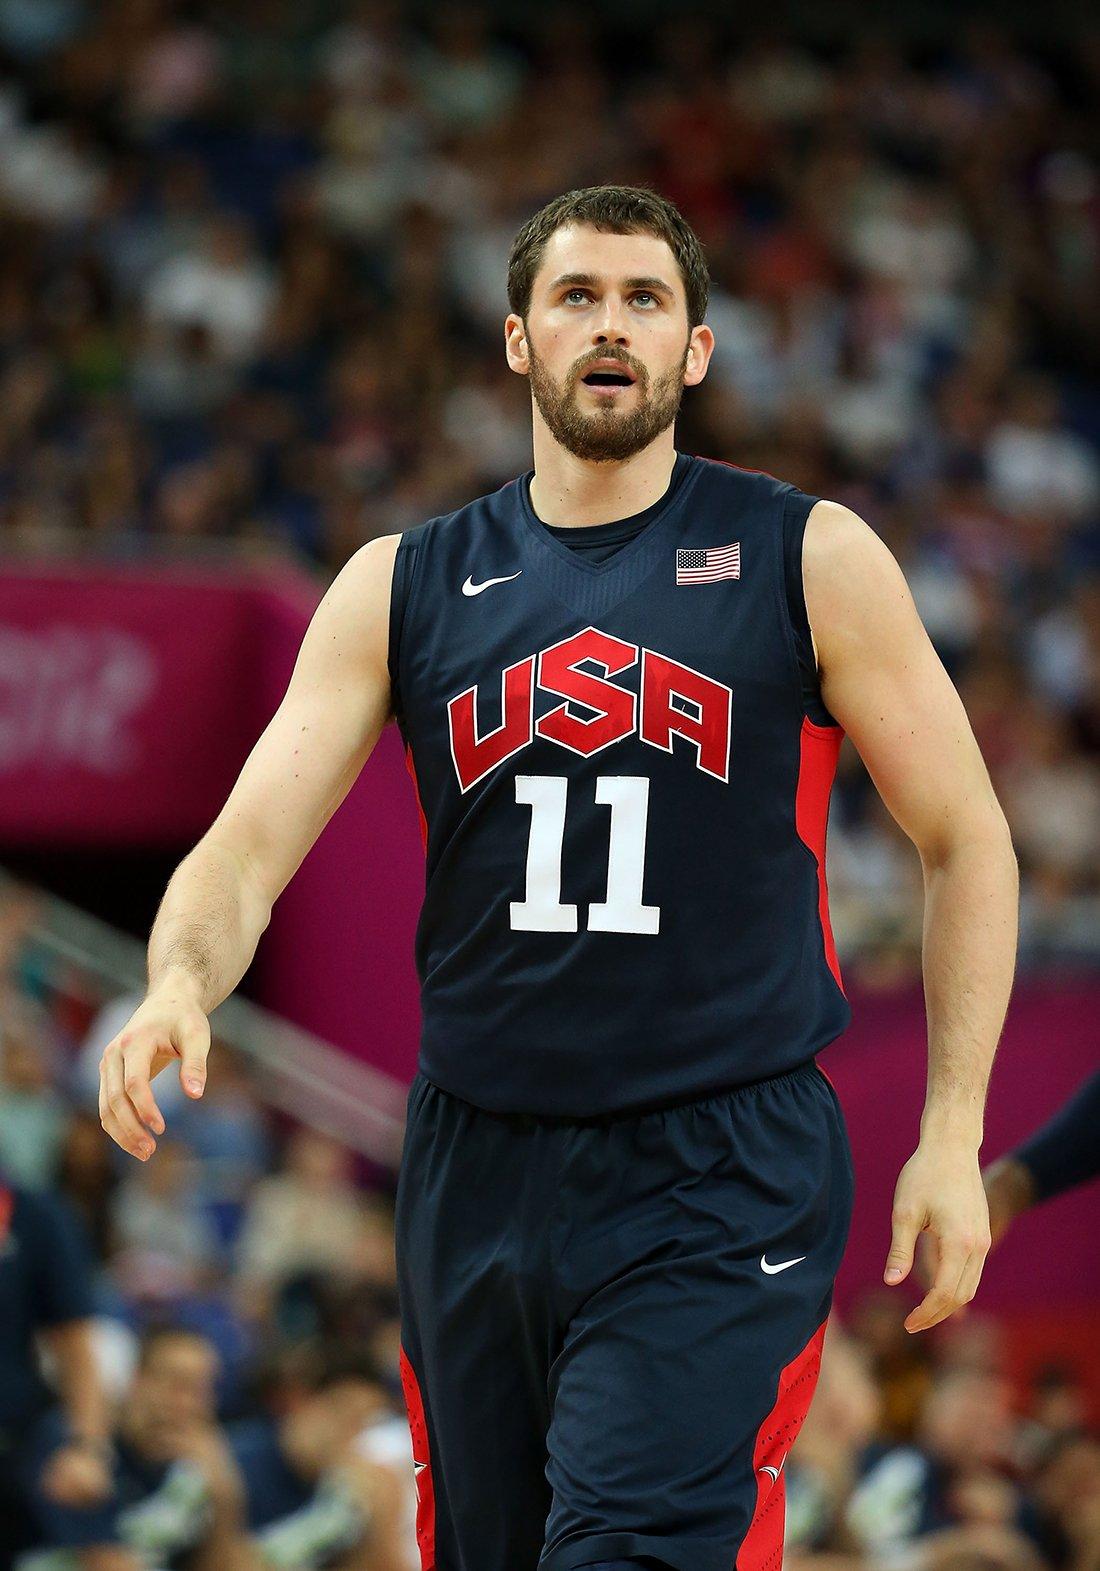 KEVIN LOVE fuera de españa 2014 en viva basquet